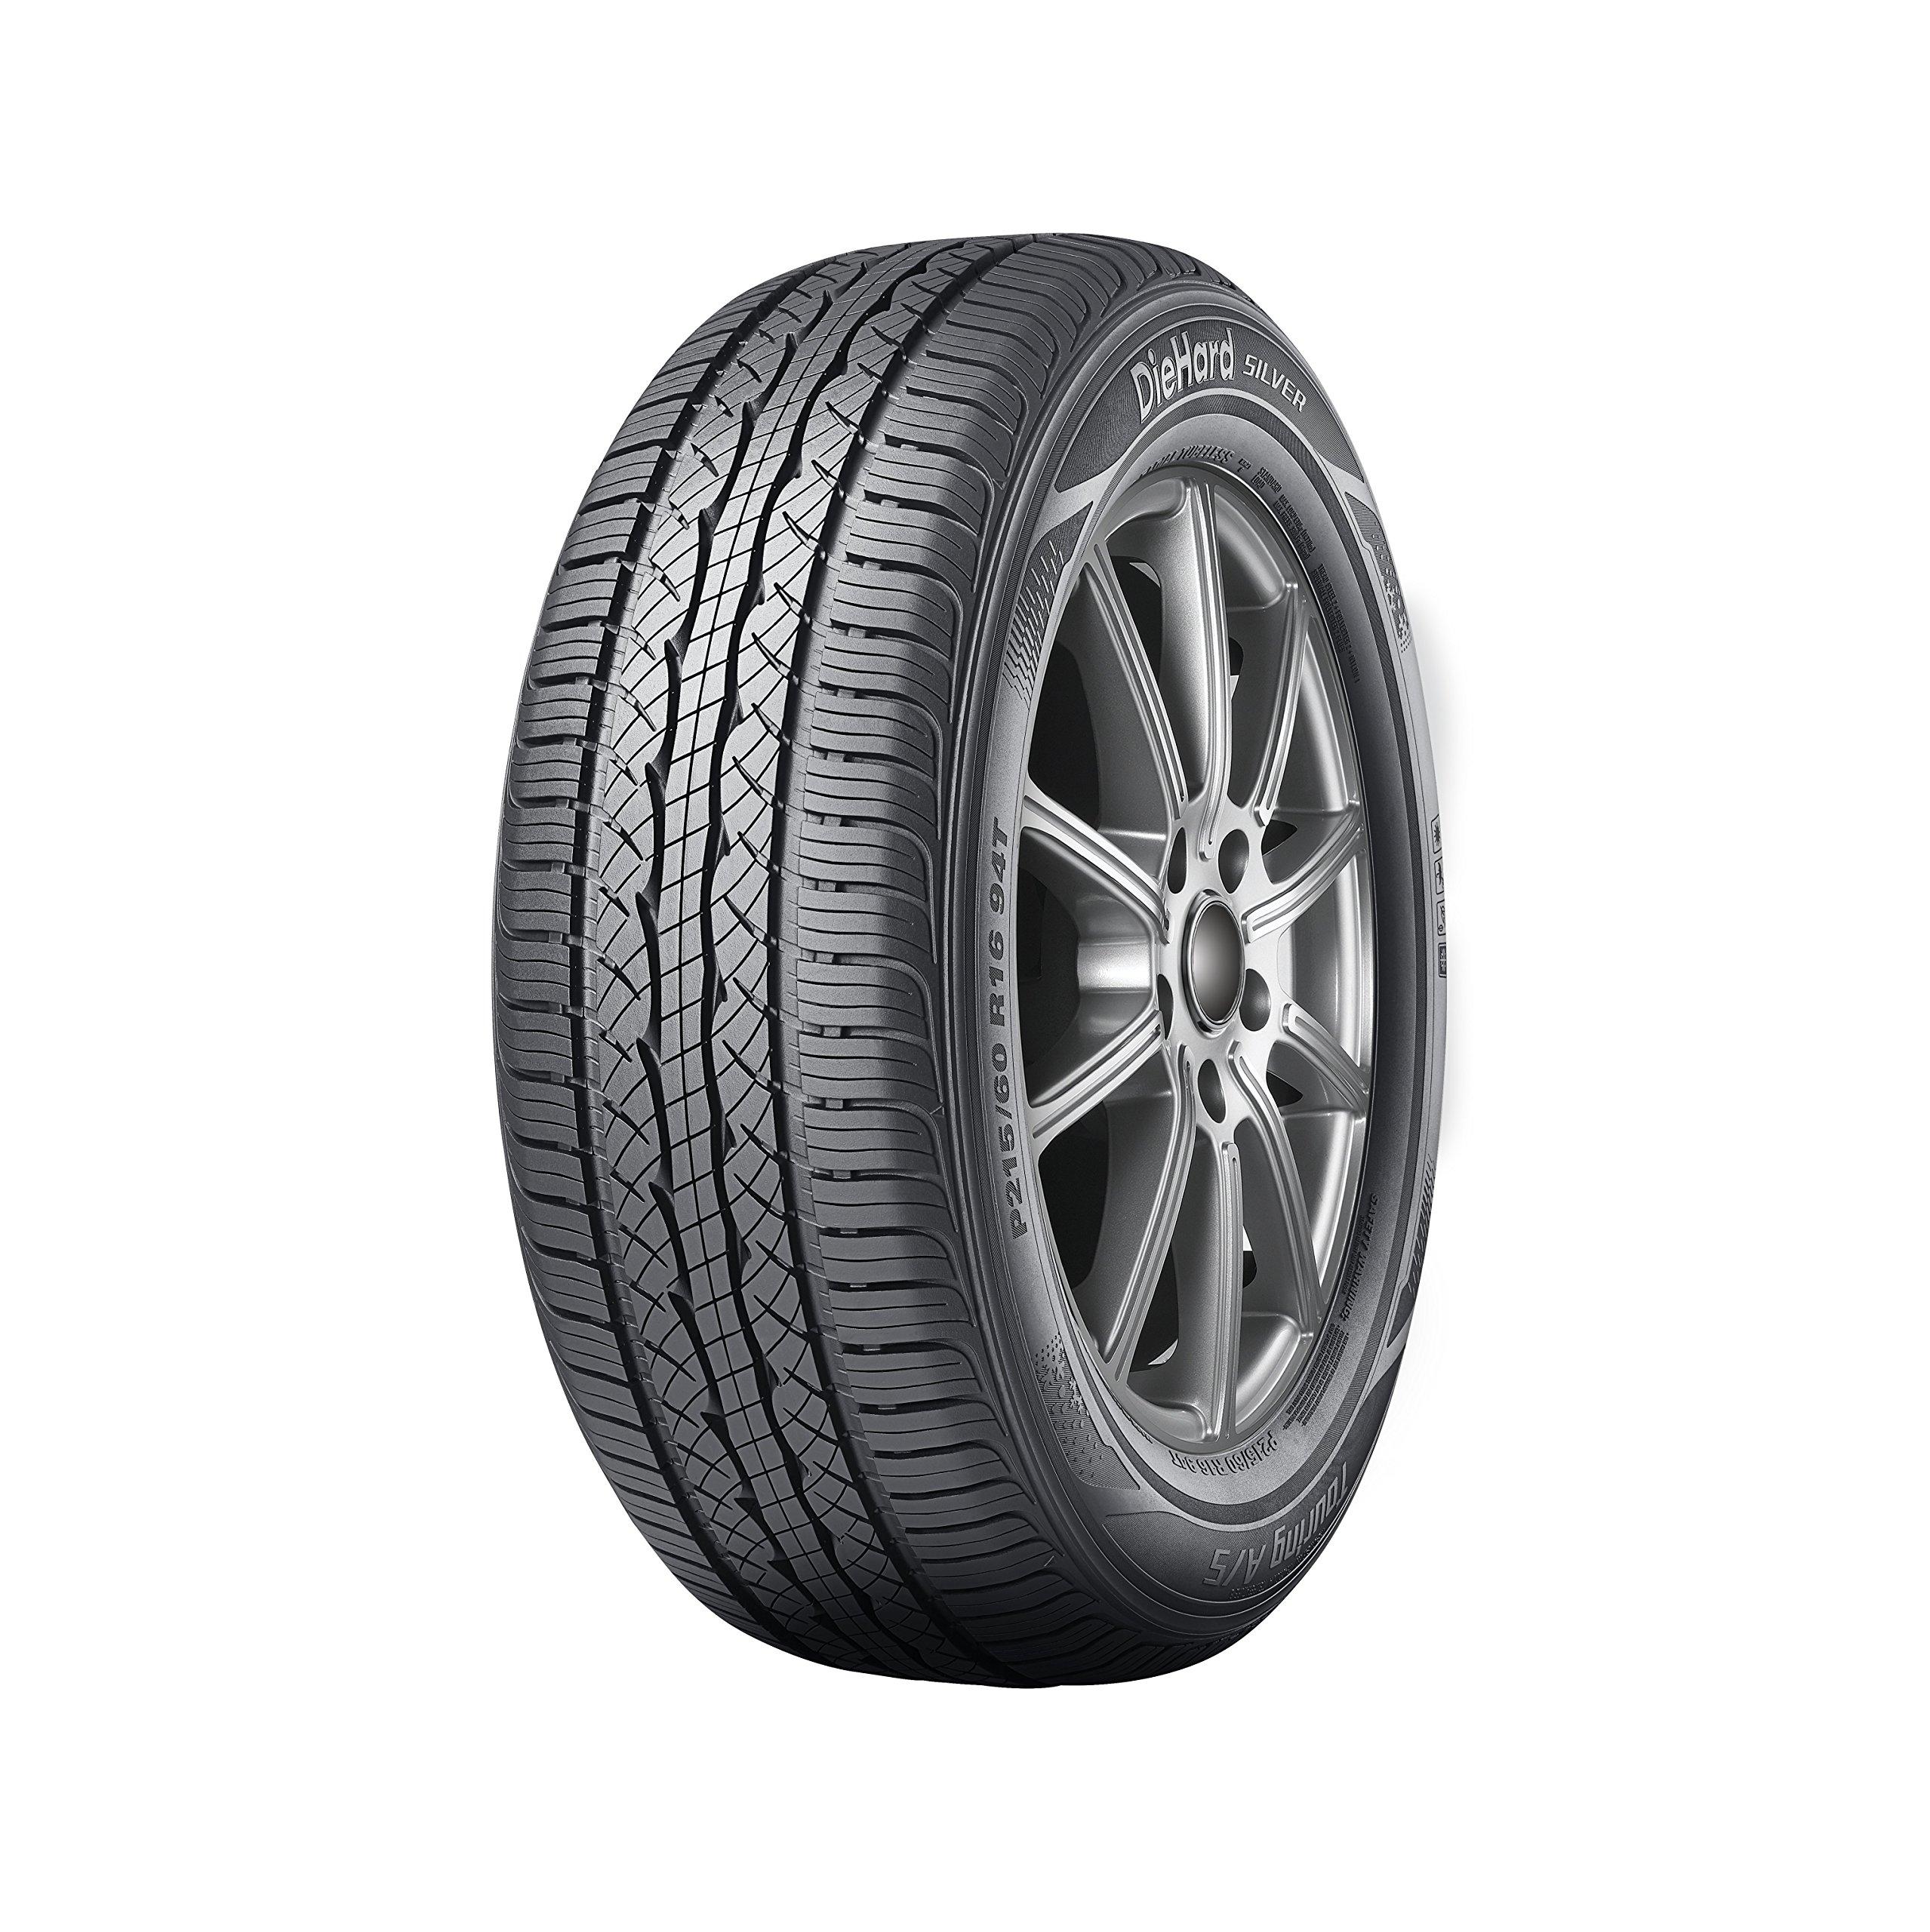 DieHard Silver Touring A/S Radial Tire - P195/60R15 87T